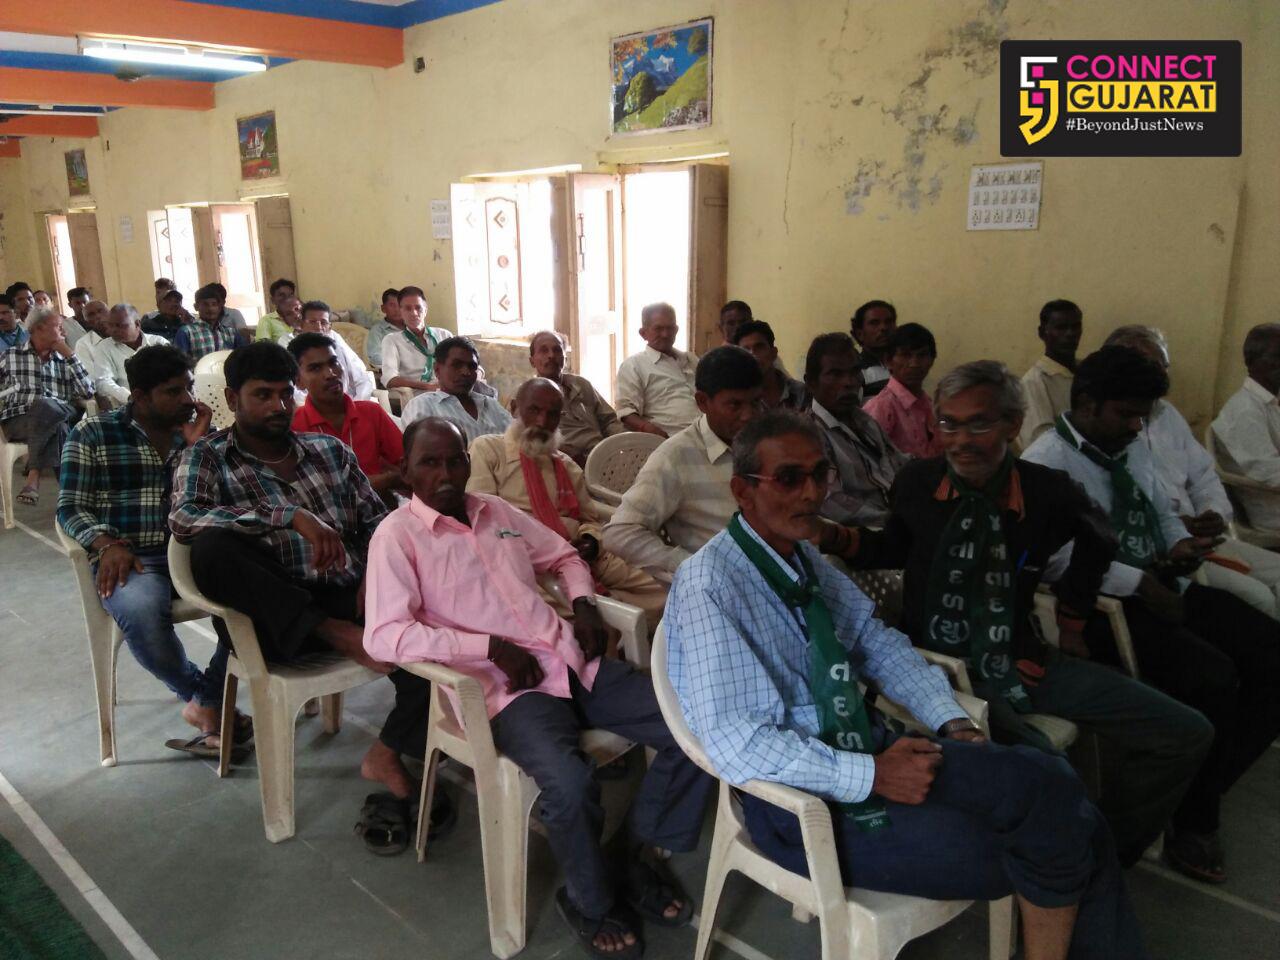 આમોદમાં જેડીયુની ચૂંટણી લક્ષી બેઠક યોજાઈ